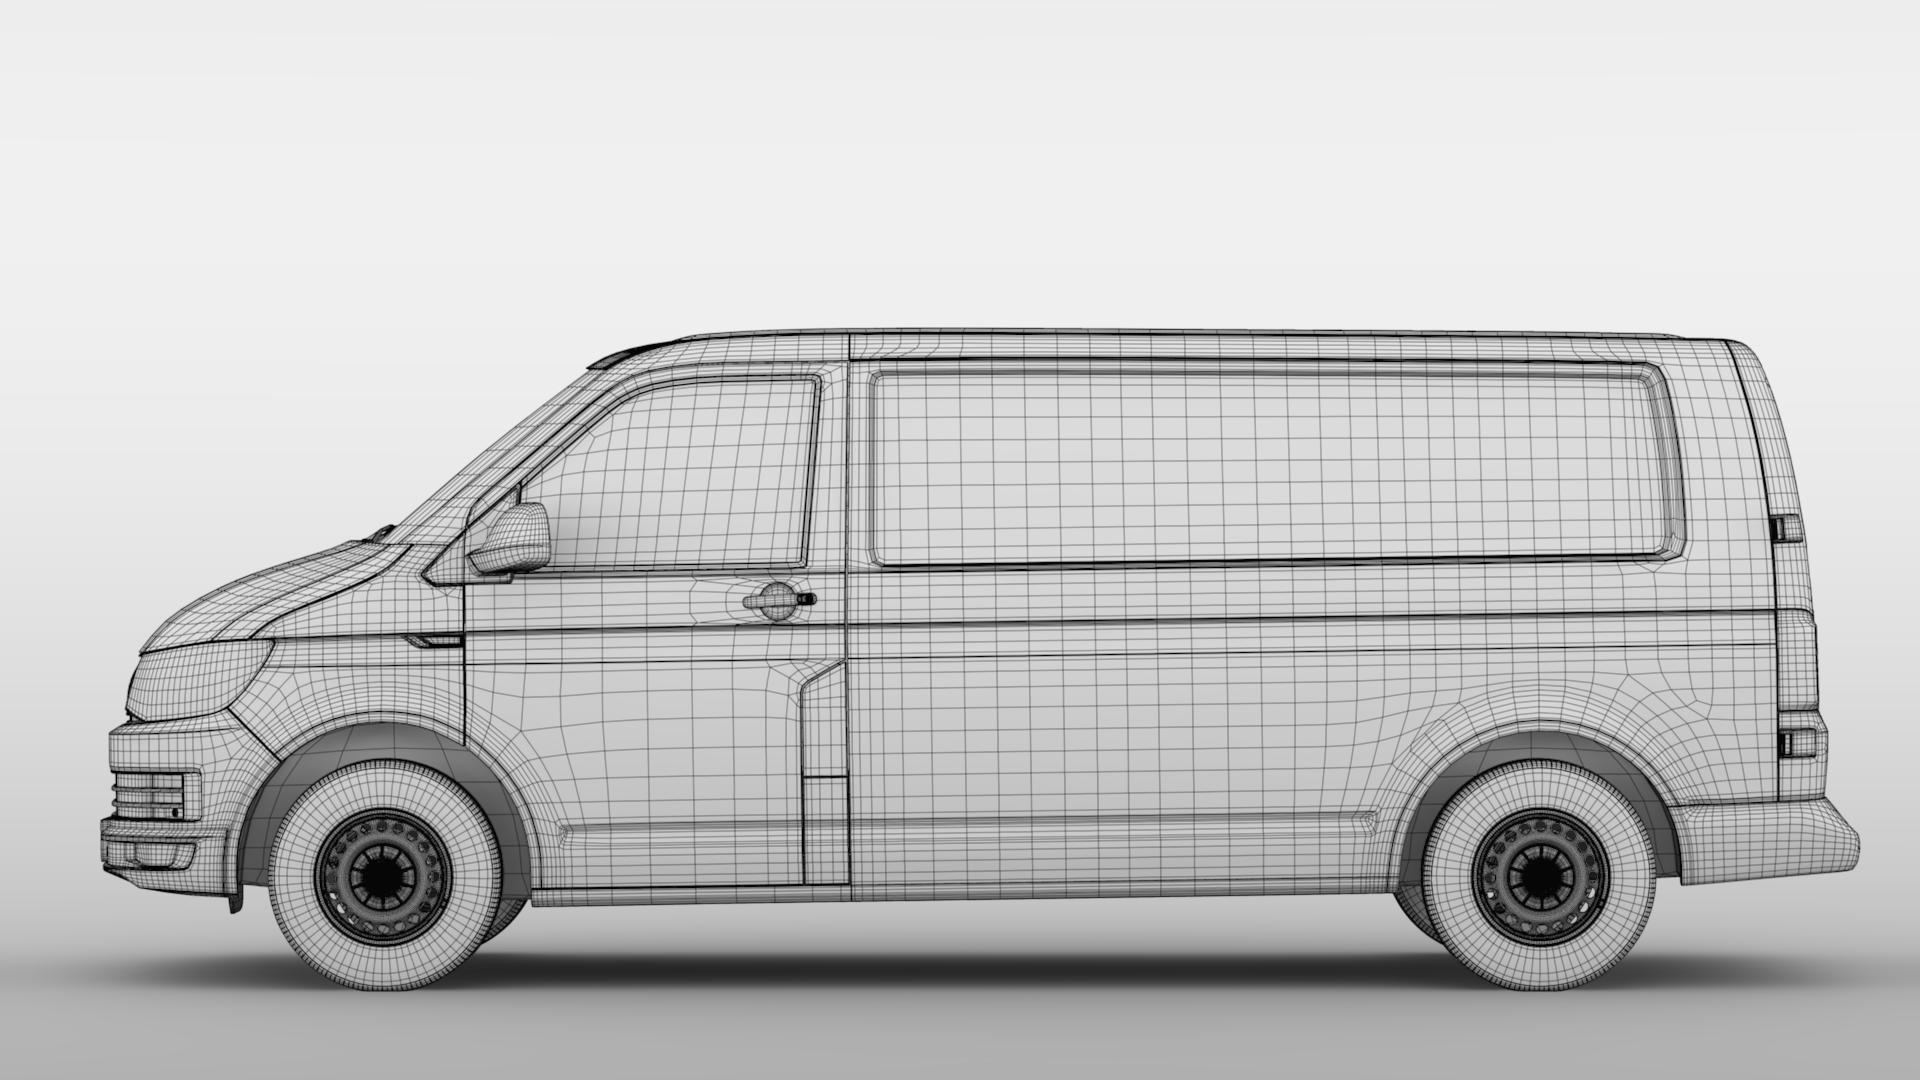 volkswagen nəqliyyat vasitəsi van l2h1 t6 2017 3d model max fbx c4d lwo ma mb hrc xsi obj 275248